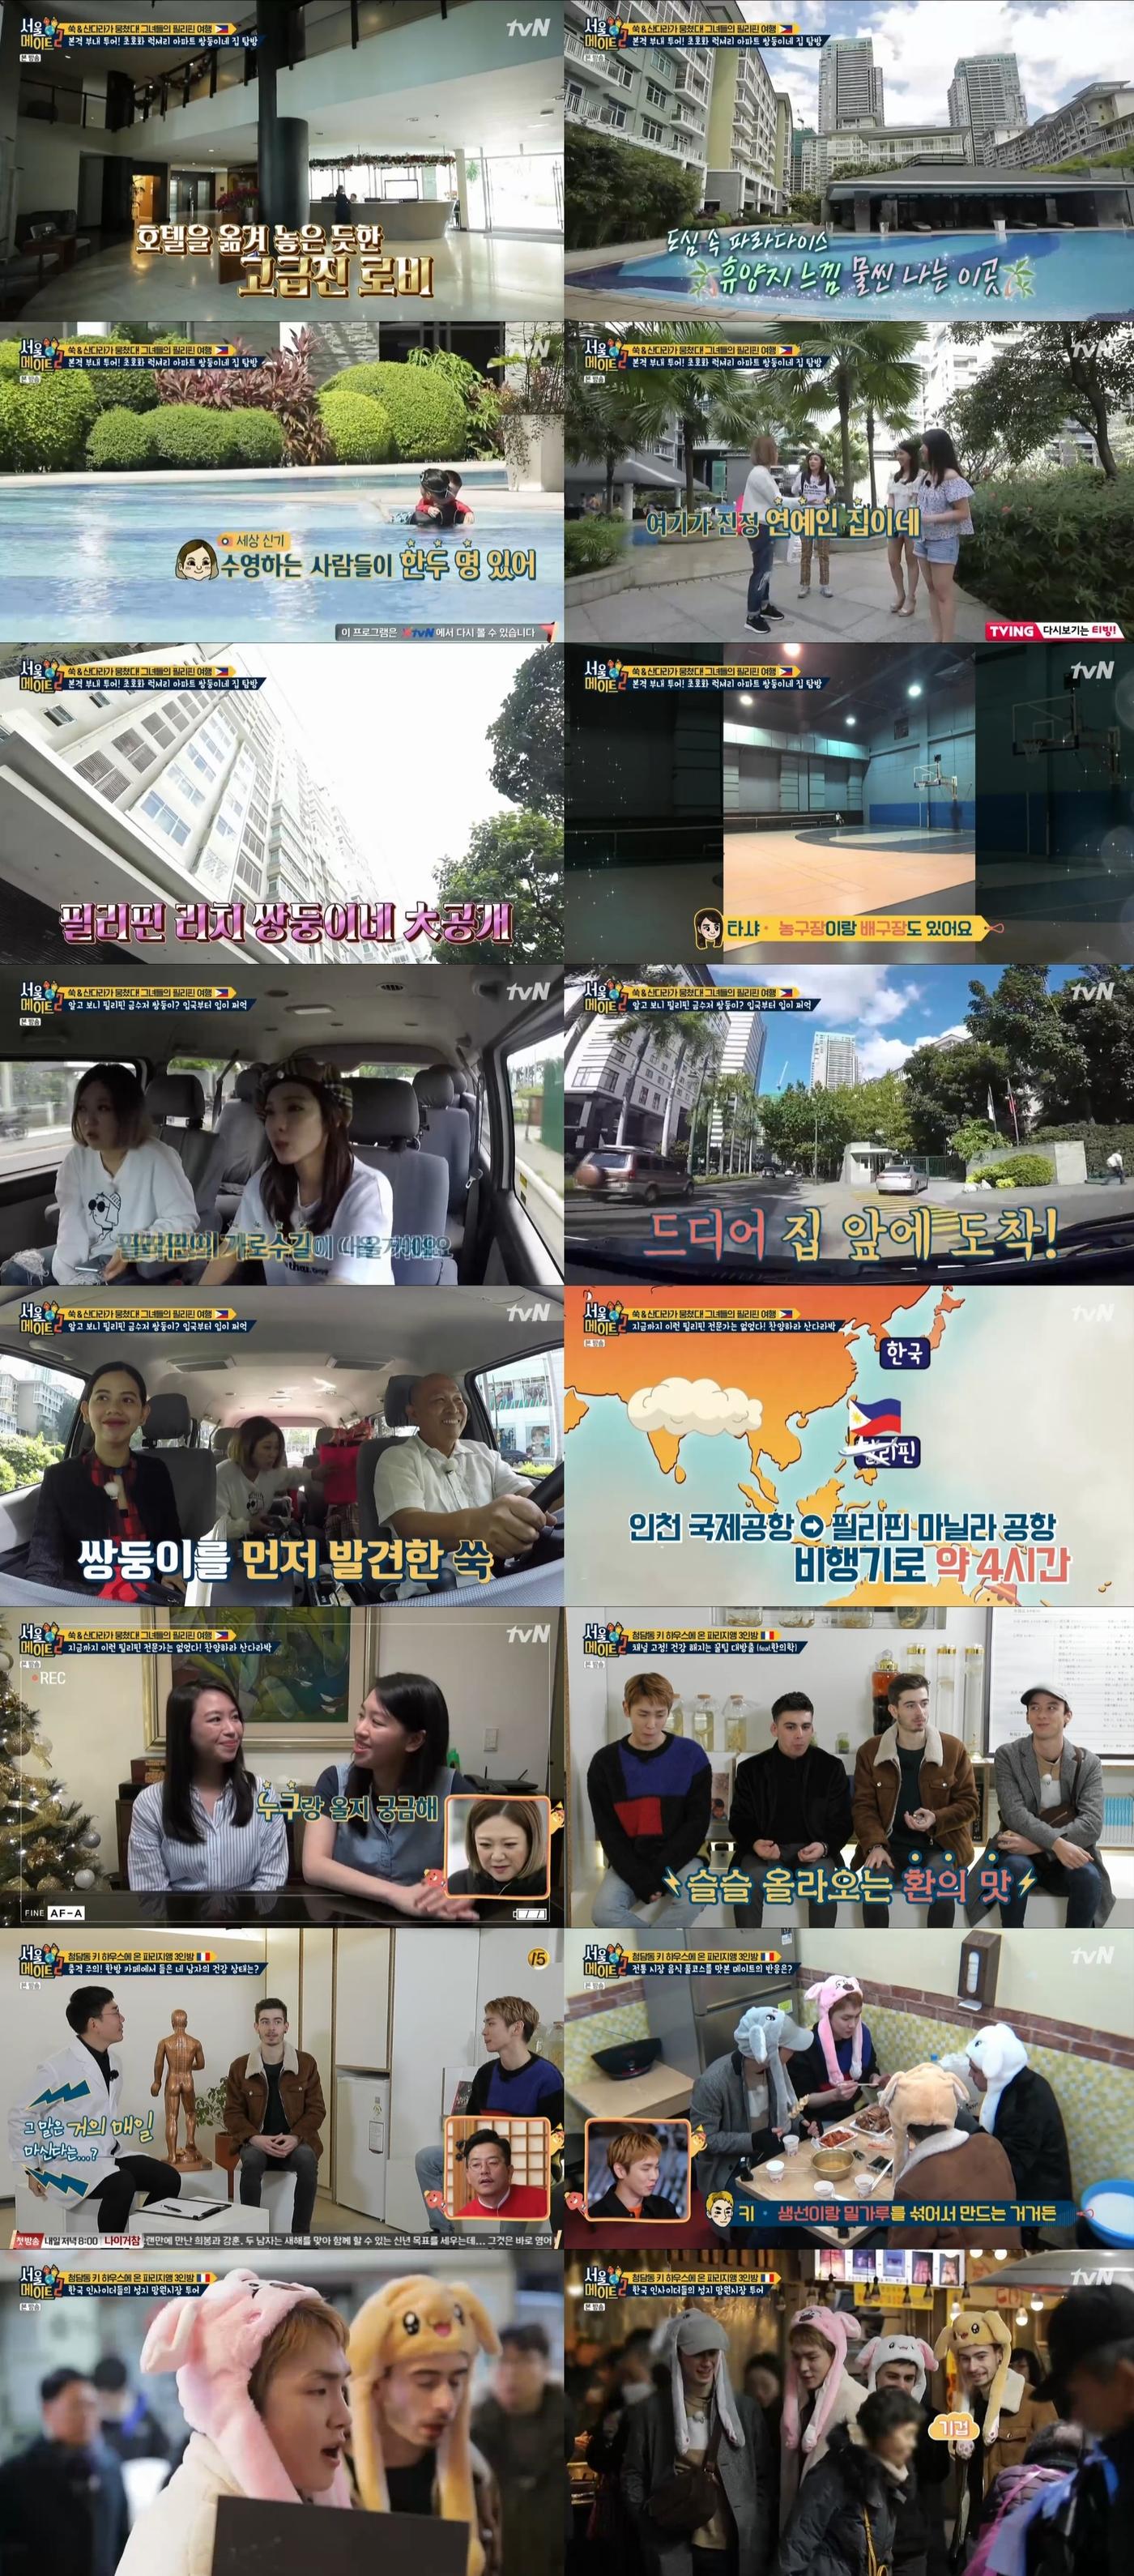 '서울메이트2' 김숙X산다라박, 필리핀 럭셔리하우스 '경악'(종합)